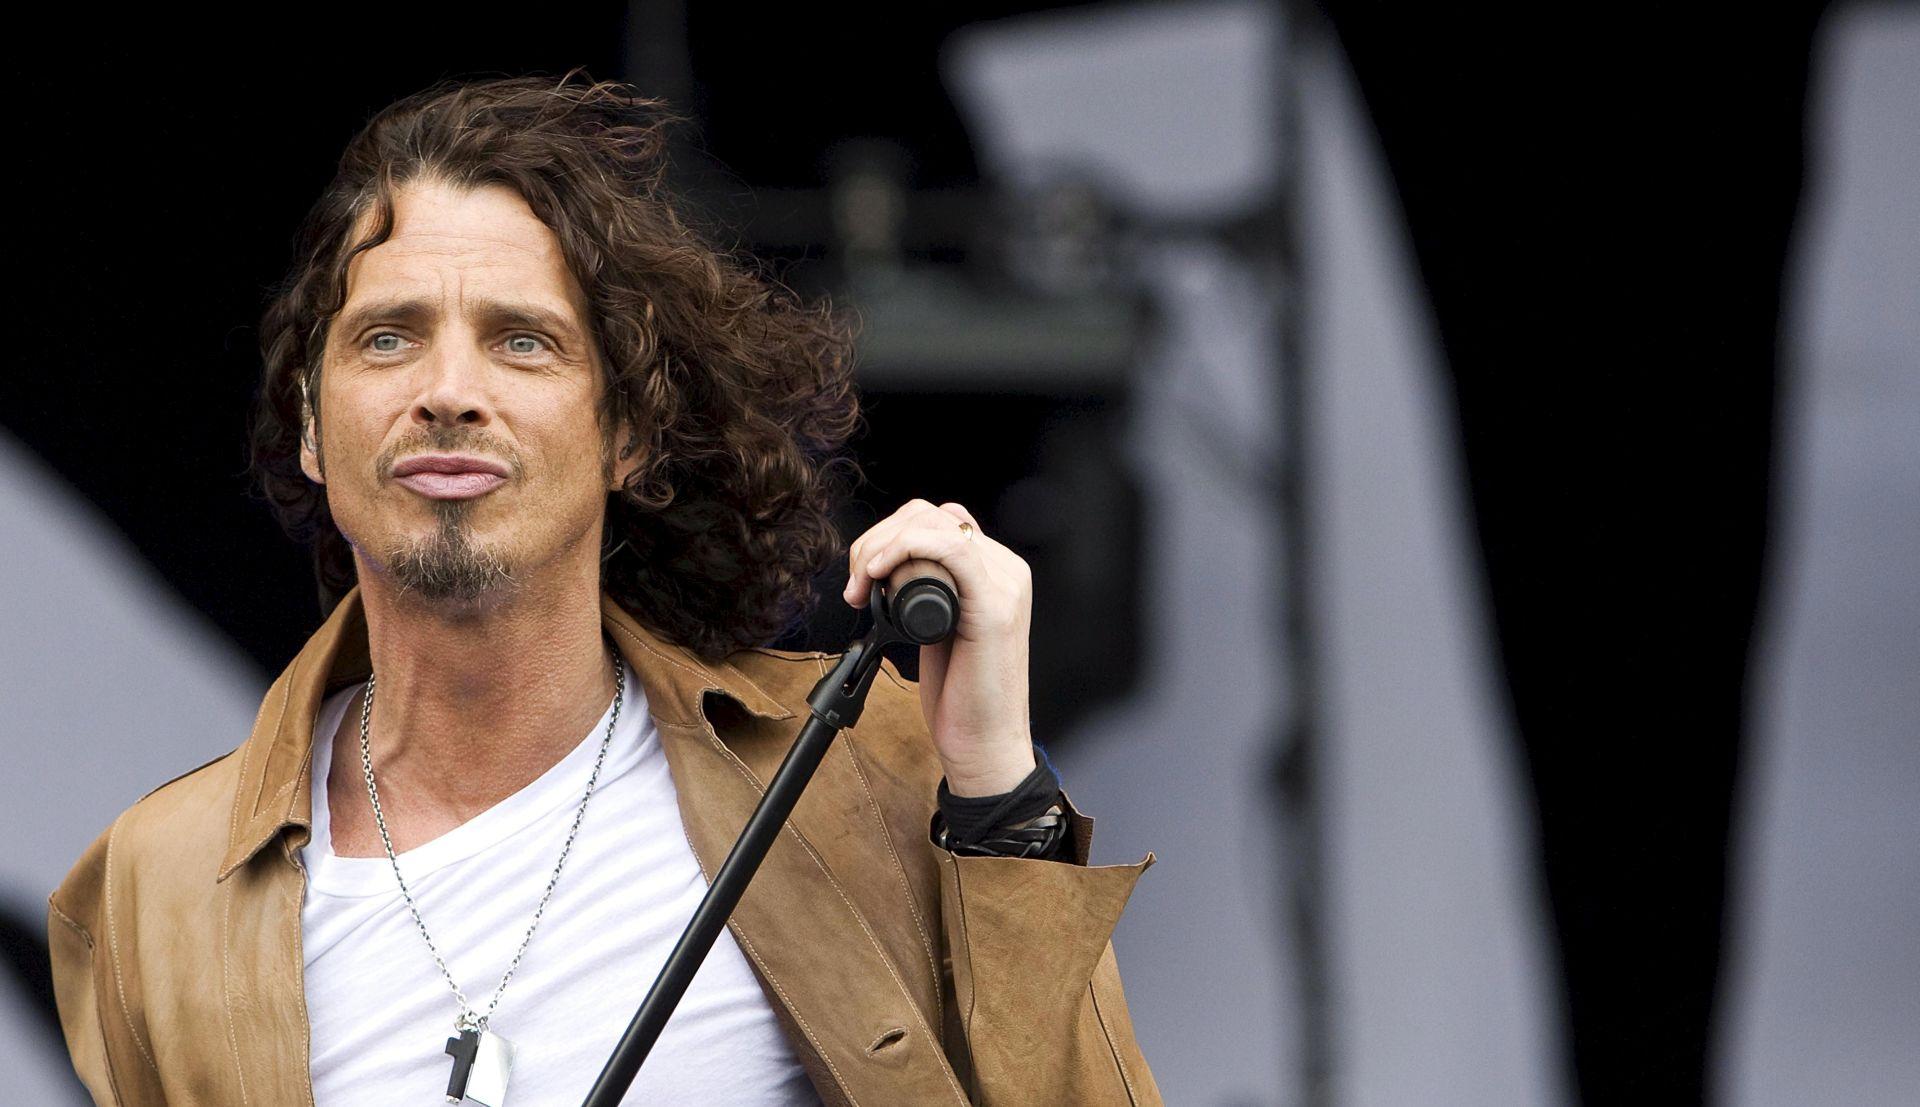 ODLAZAK VELIKANA GRUNGEA Chris Cornell počinio samoubojstvo